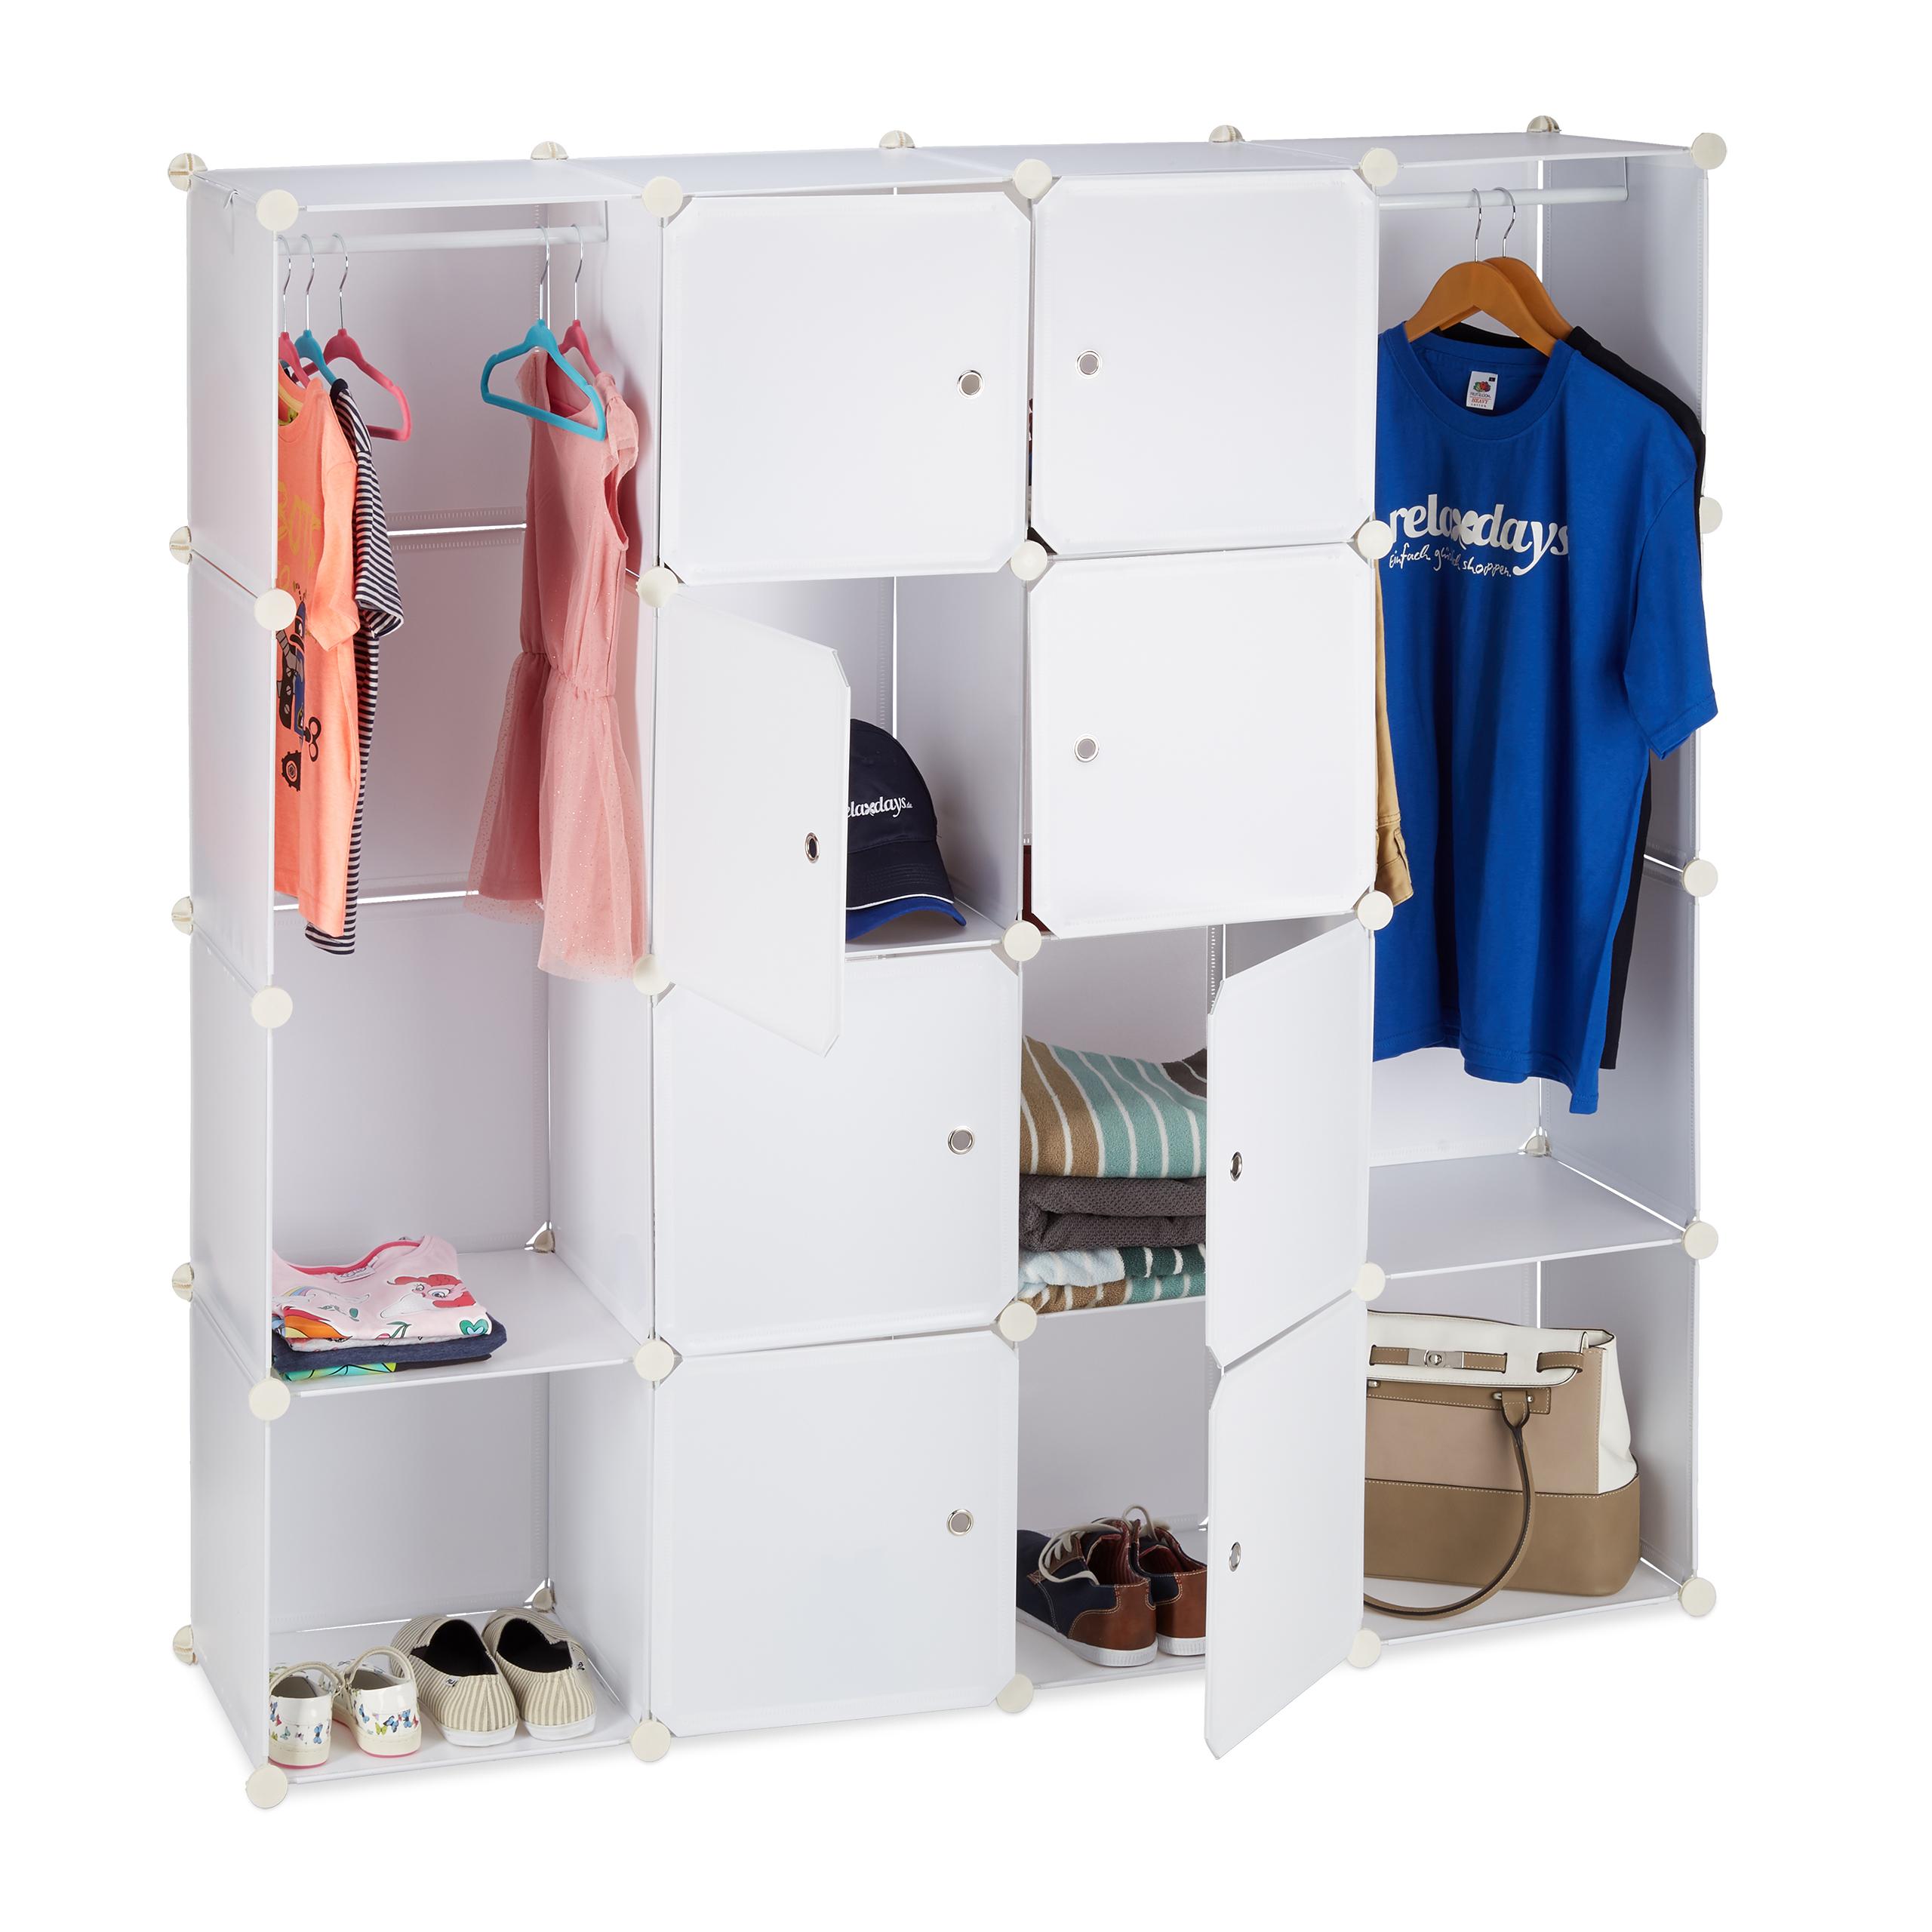 Kleiderschrank-Stecksystem-12-Faecher-Kunststoff-Garderobenschrank-Schuhschrank